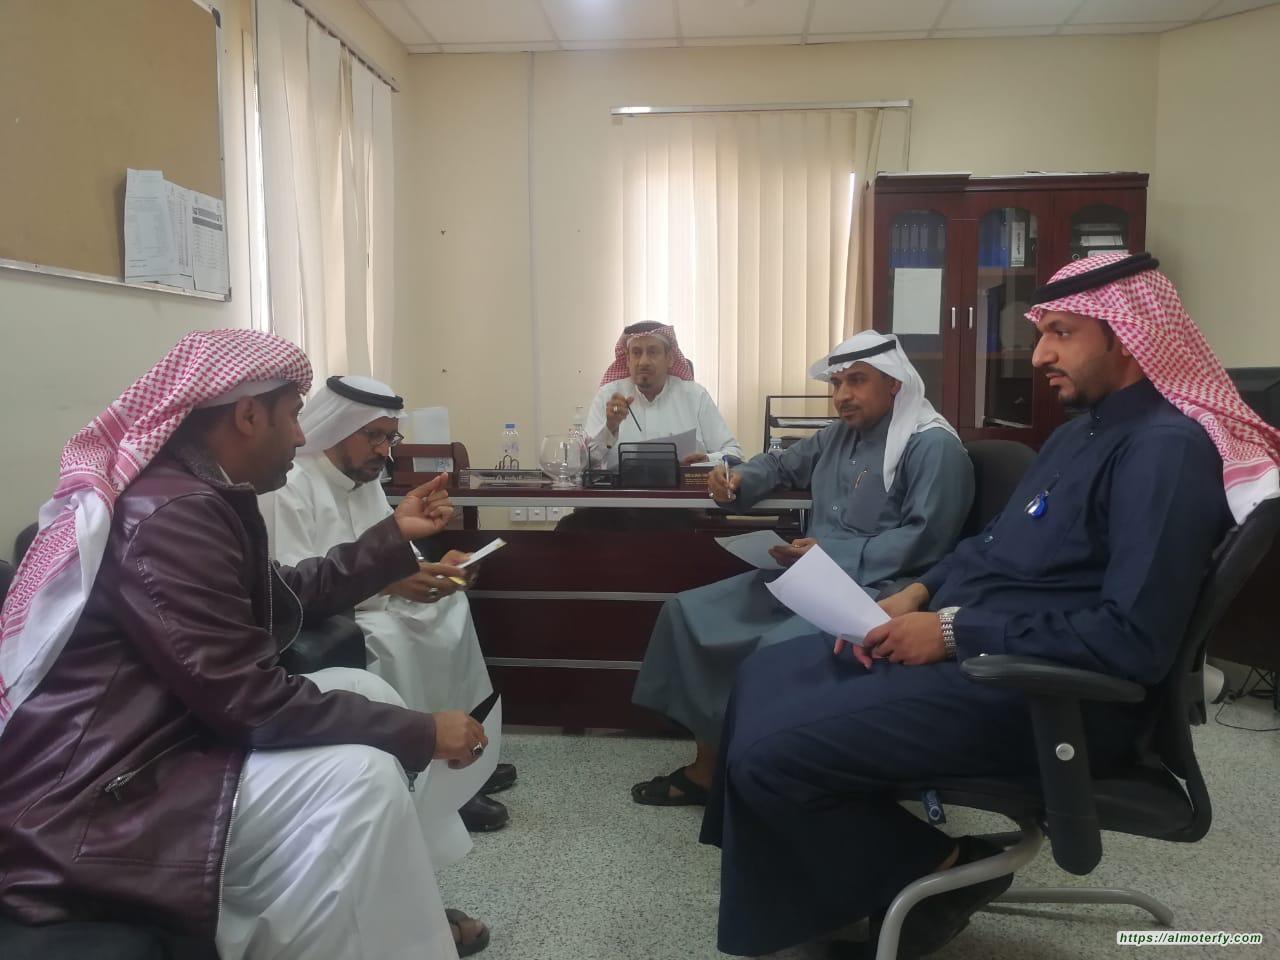 مدير مركز صحي المنيزلة بالأحساء يلتقي بأعضاء فريق التمكين المجتمعي